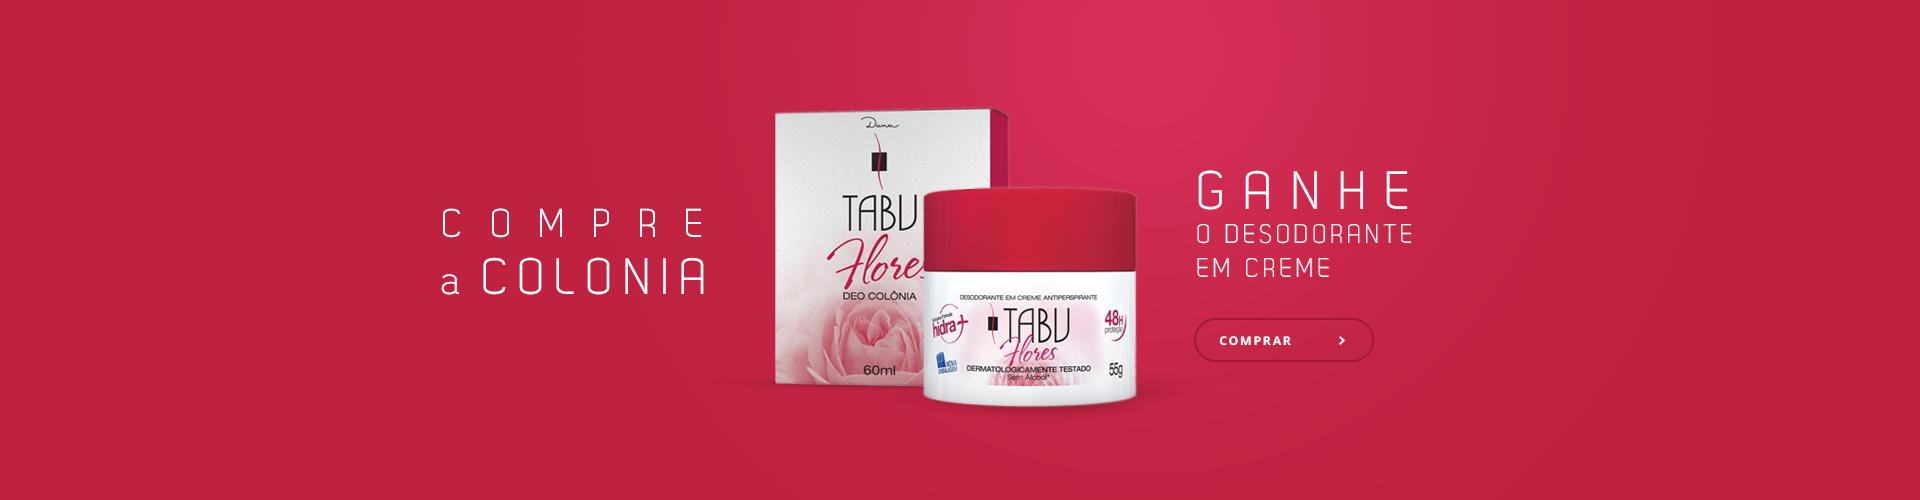 Promoção Compre Ganhe Tabu